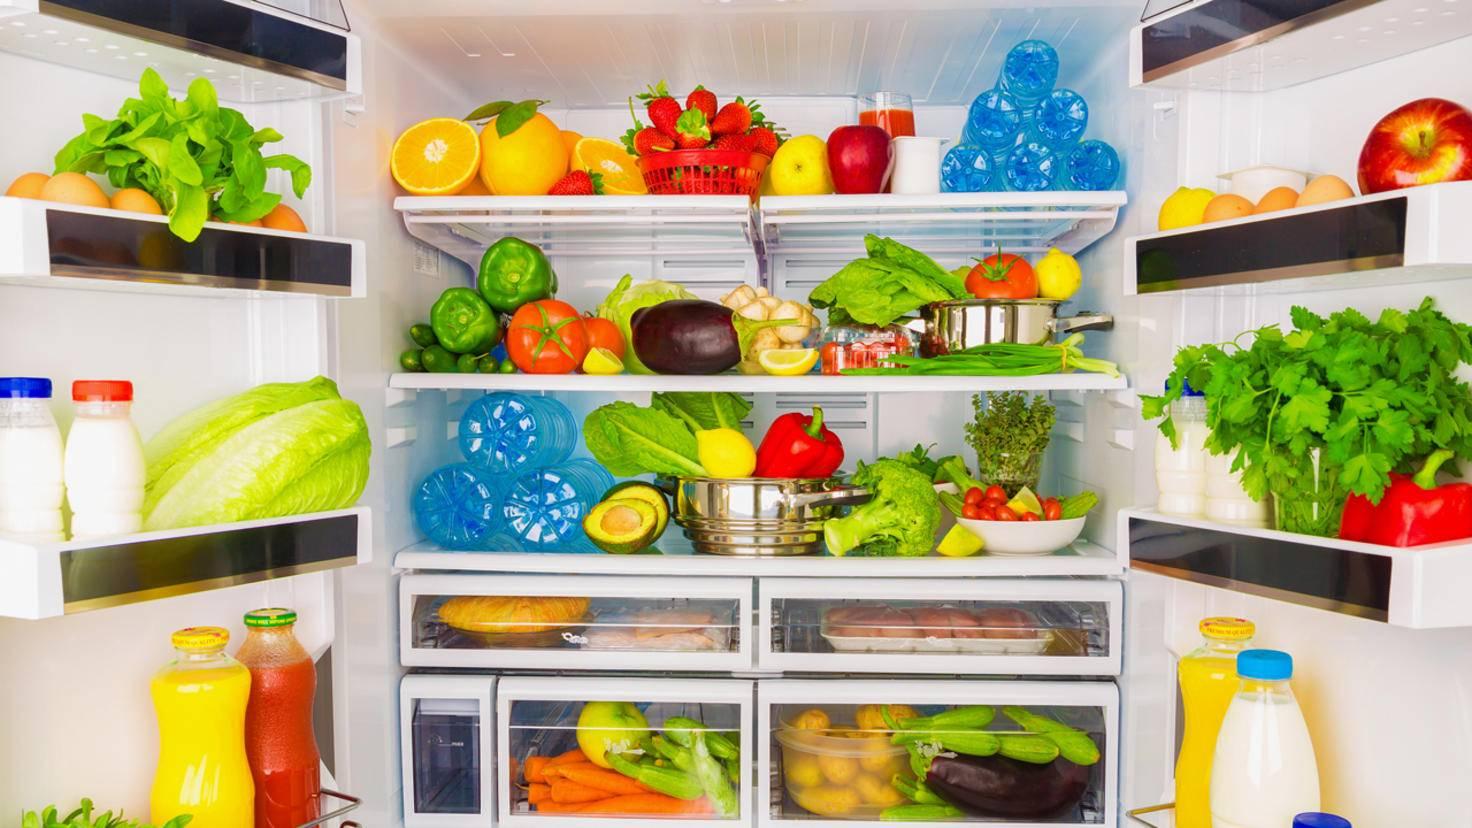 Wer viele Lebensmittel im Kühlschrank lagert, sollte ihn besonders oft säubern.